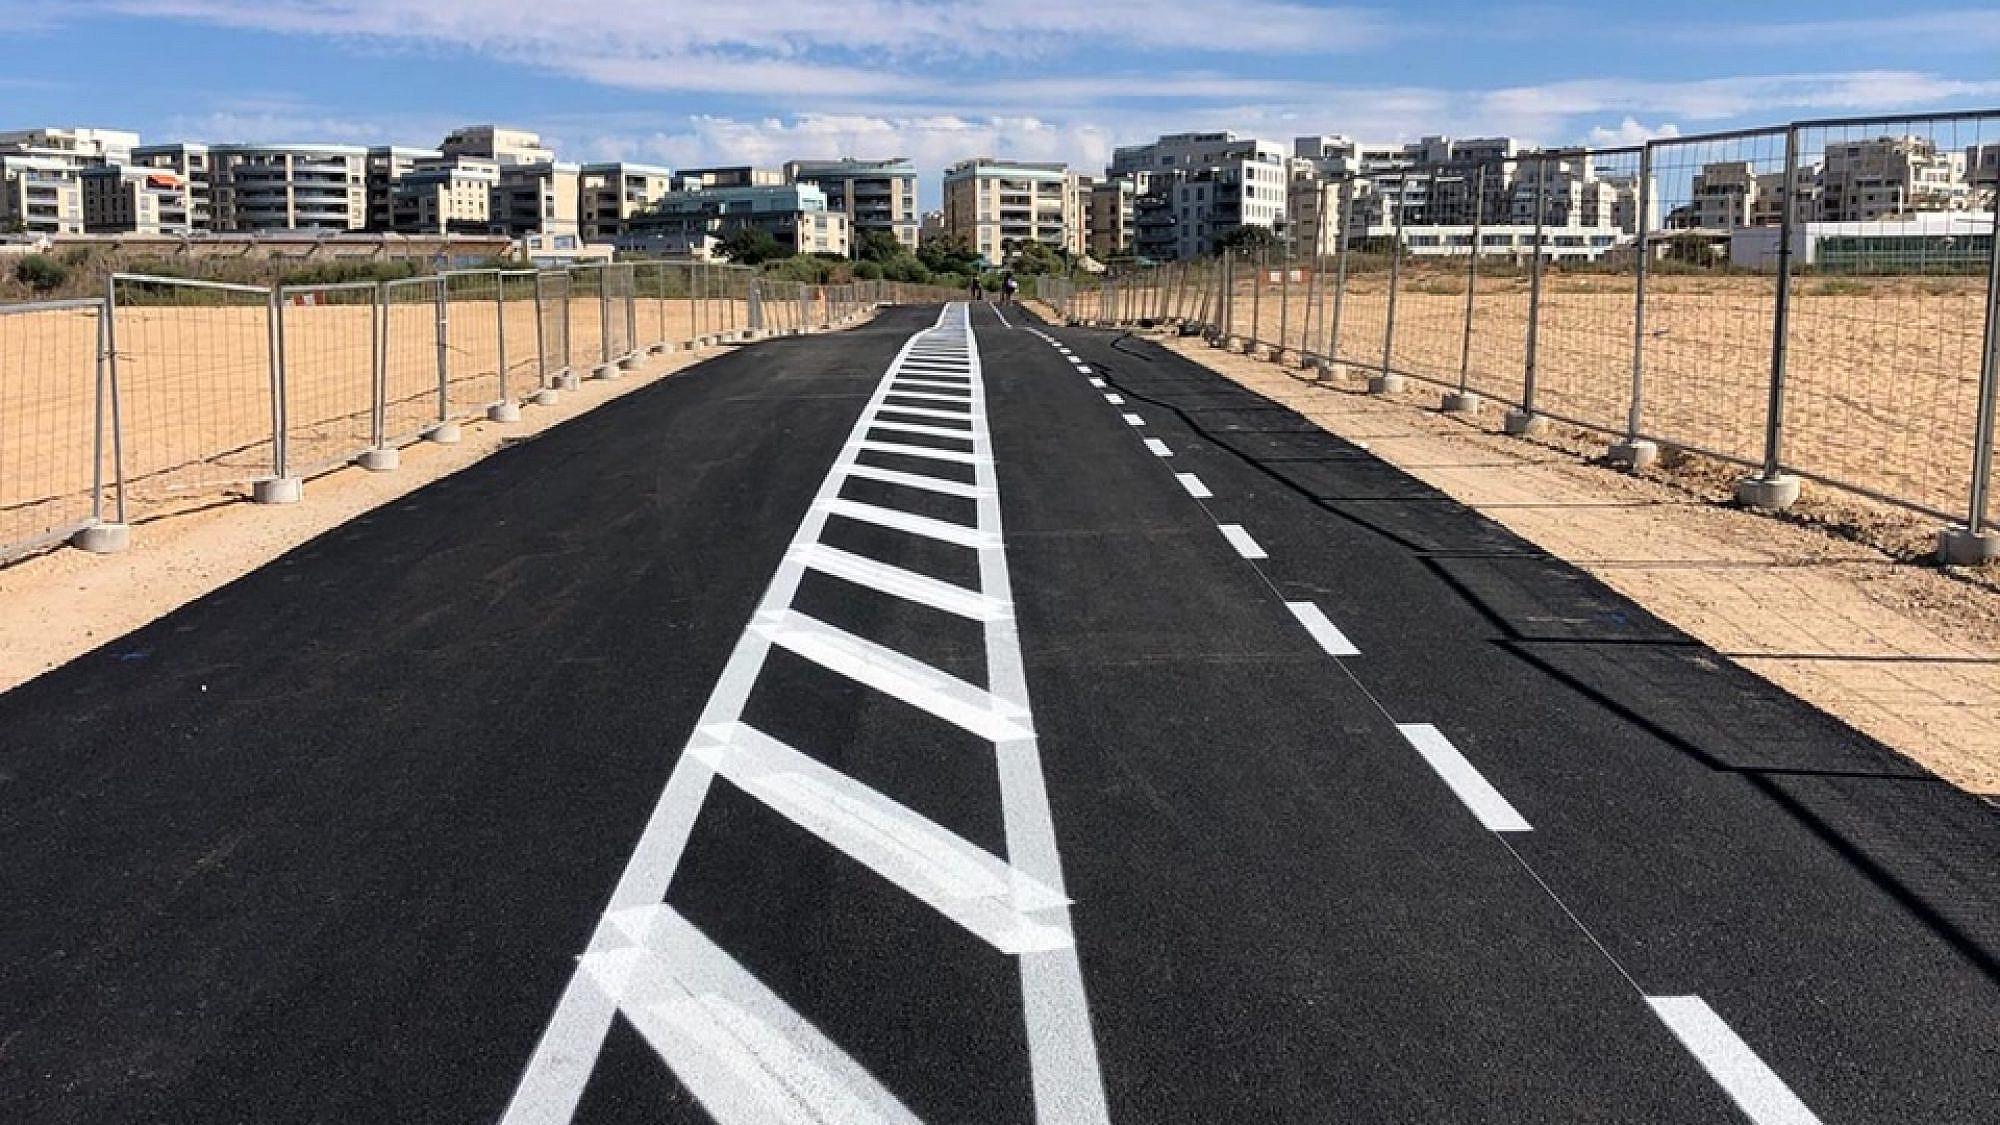 רק על אופניים: העירייה תכפיל את אורך השבילים עד 2025